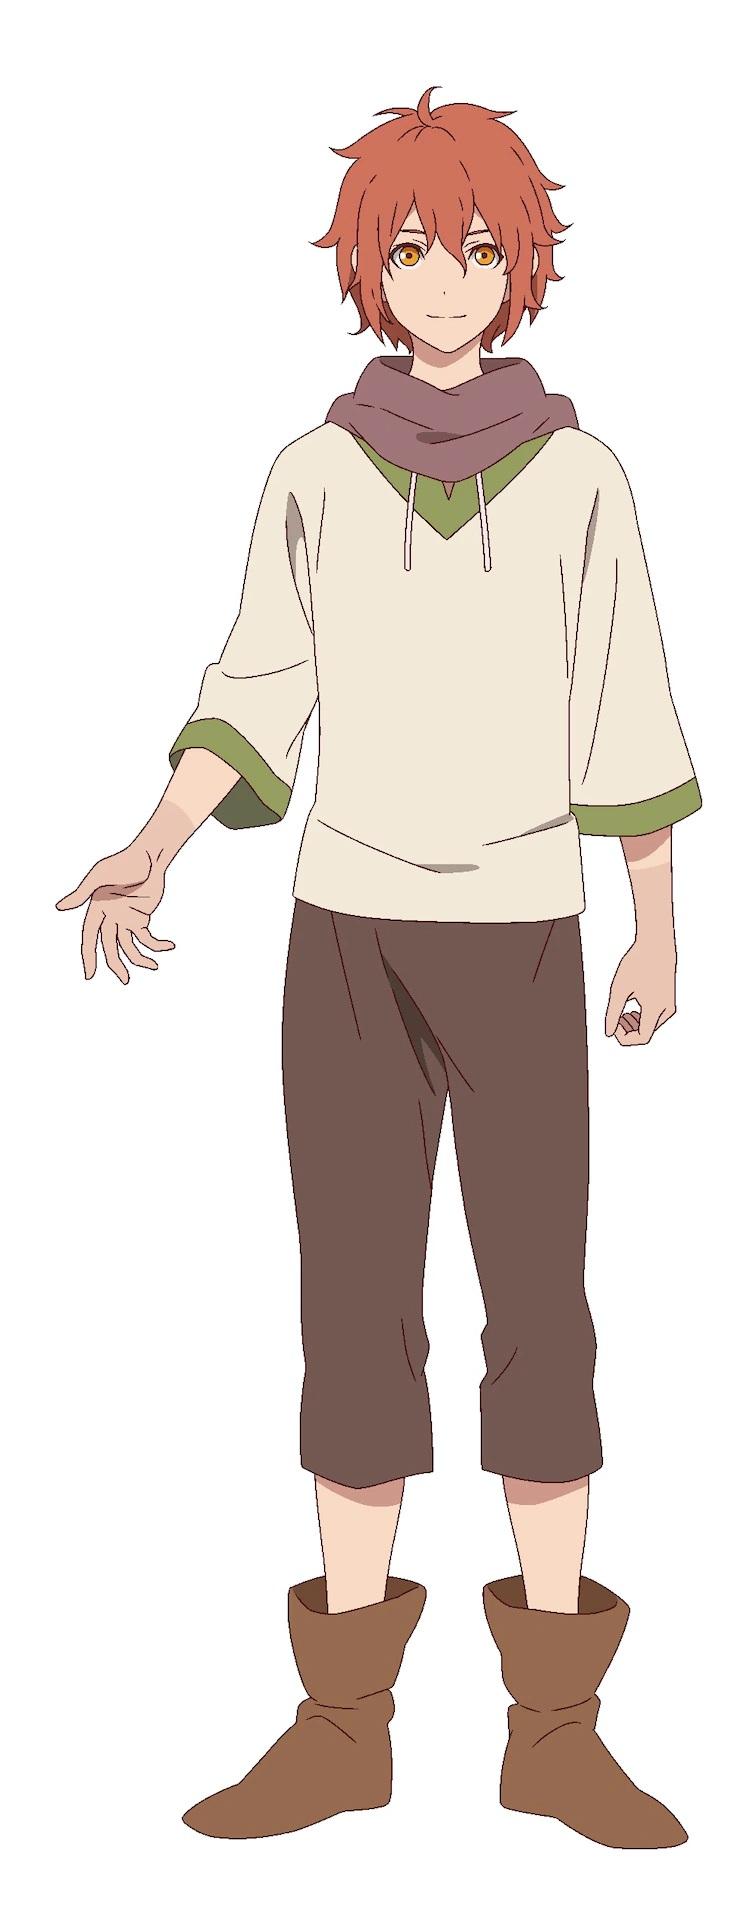 Un escenario de personajes para Will, el protagonista del próximo anime televisivo The Faraway Paladin.  Will es un joven esbelto de cabello rojo que está vestido como un campesino con una camisa sencilla, pantalones y botas.